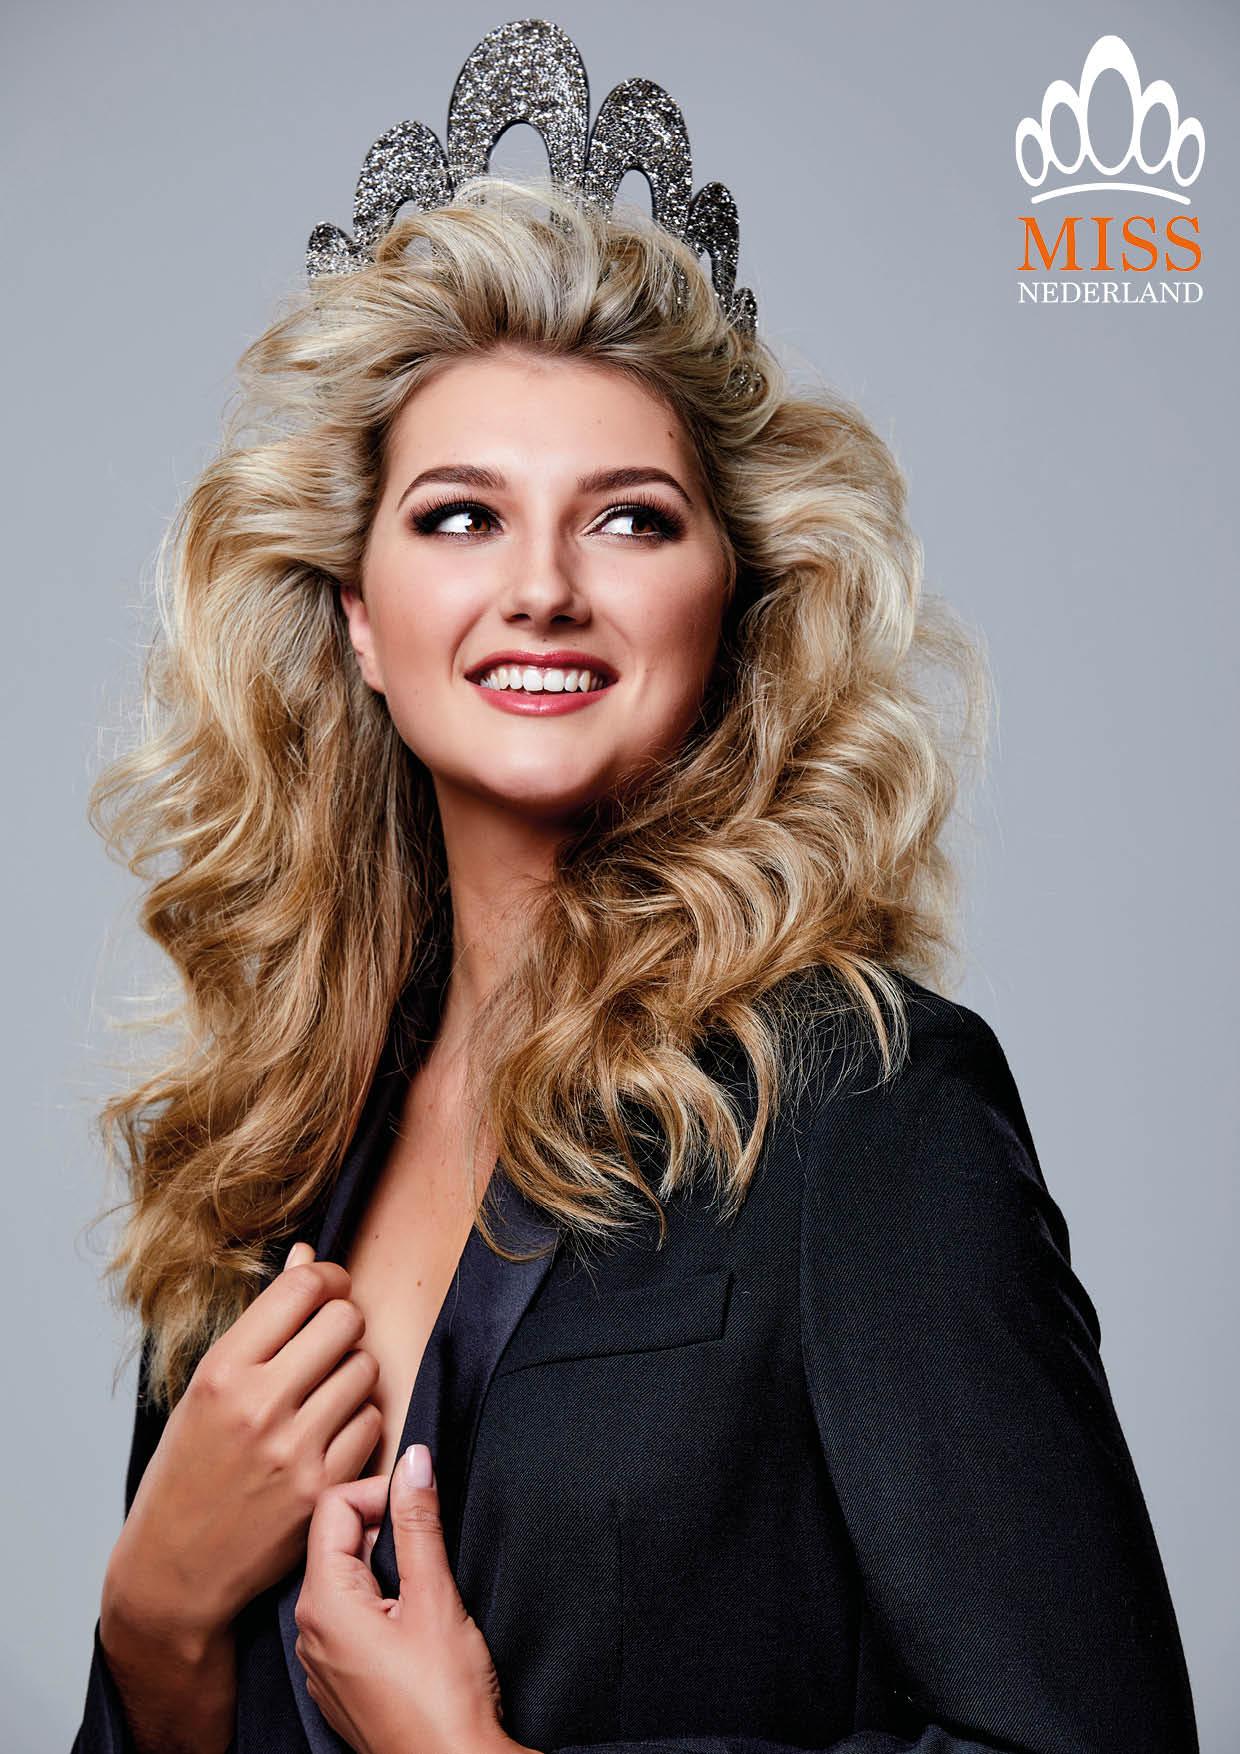 Miss Nederland_Denise Speelman_foto- William Rutten